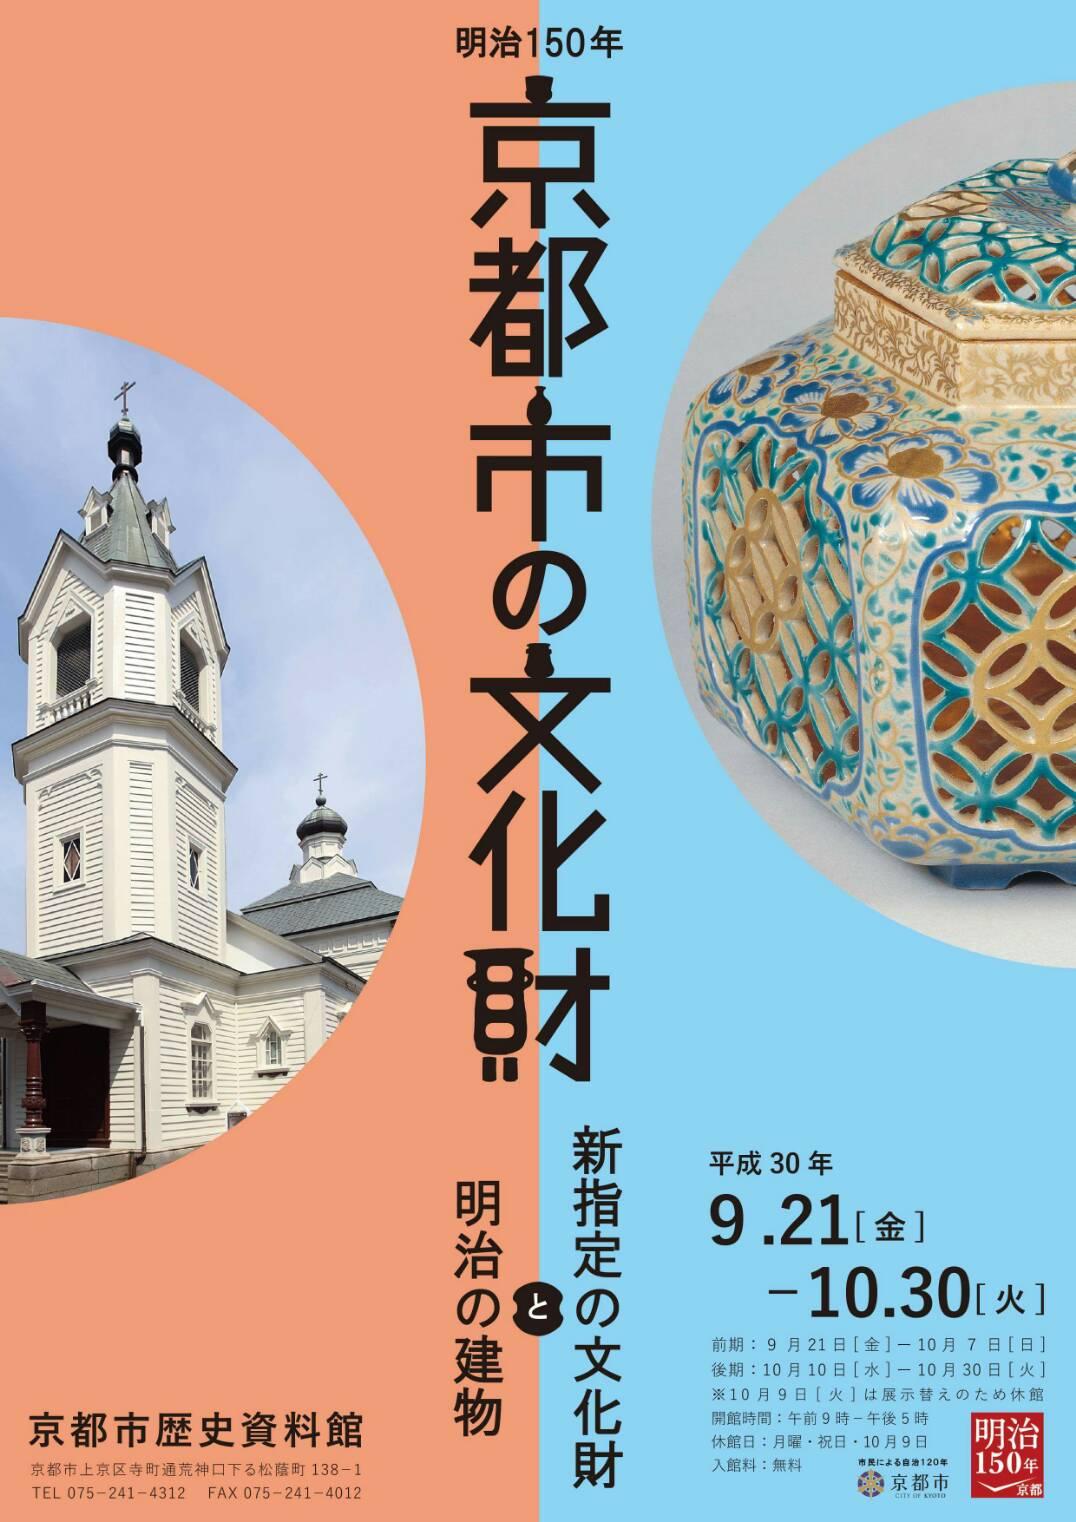 京都市の文化財展チラシ